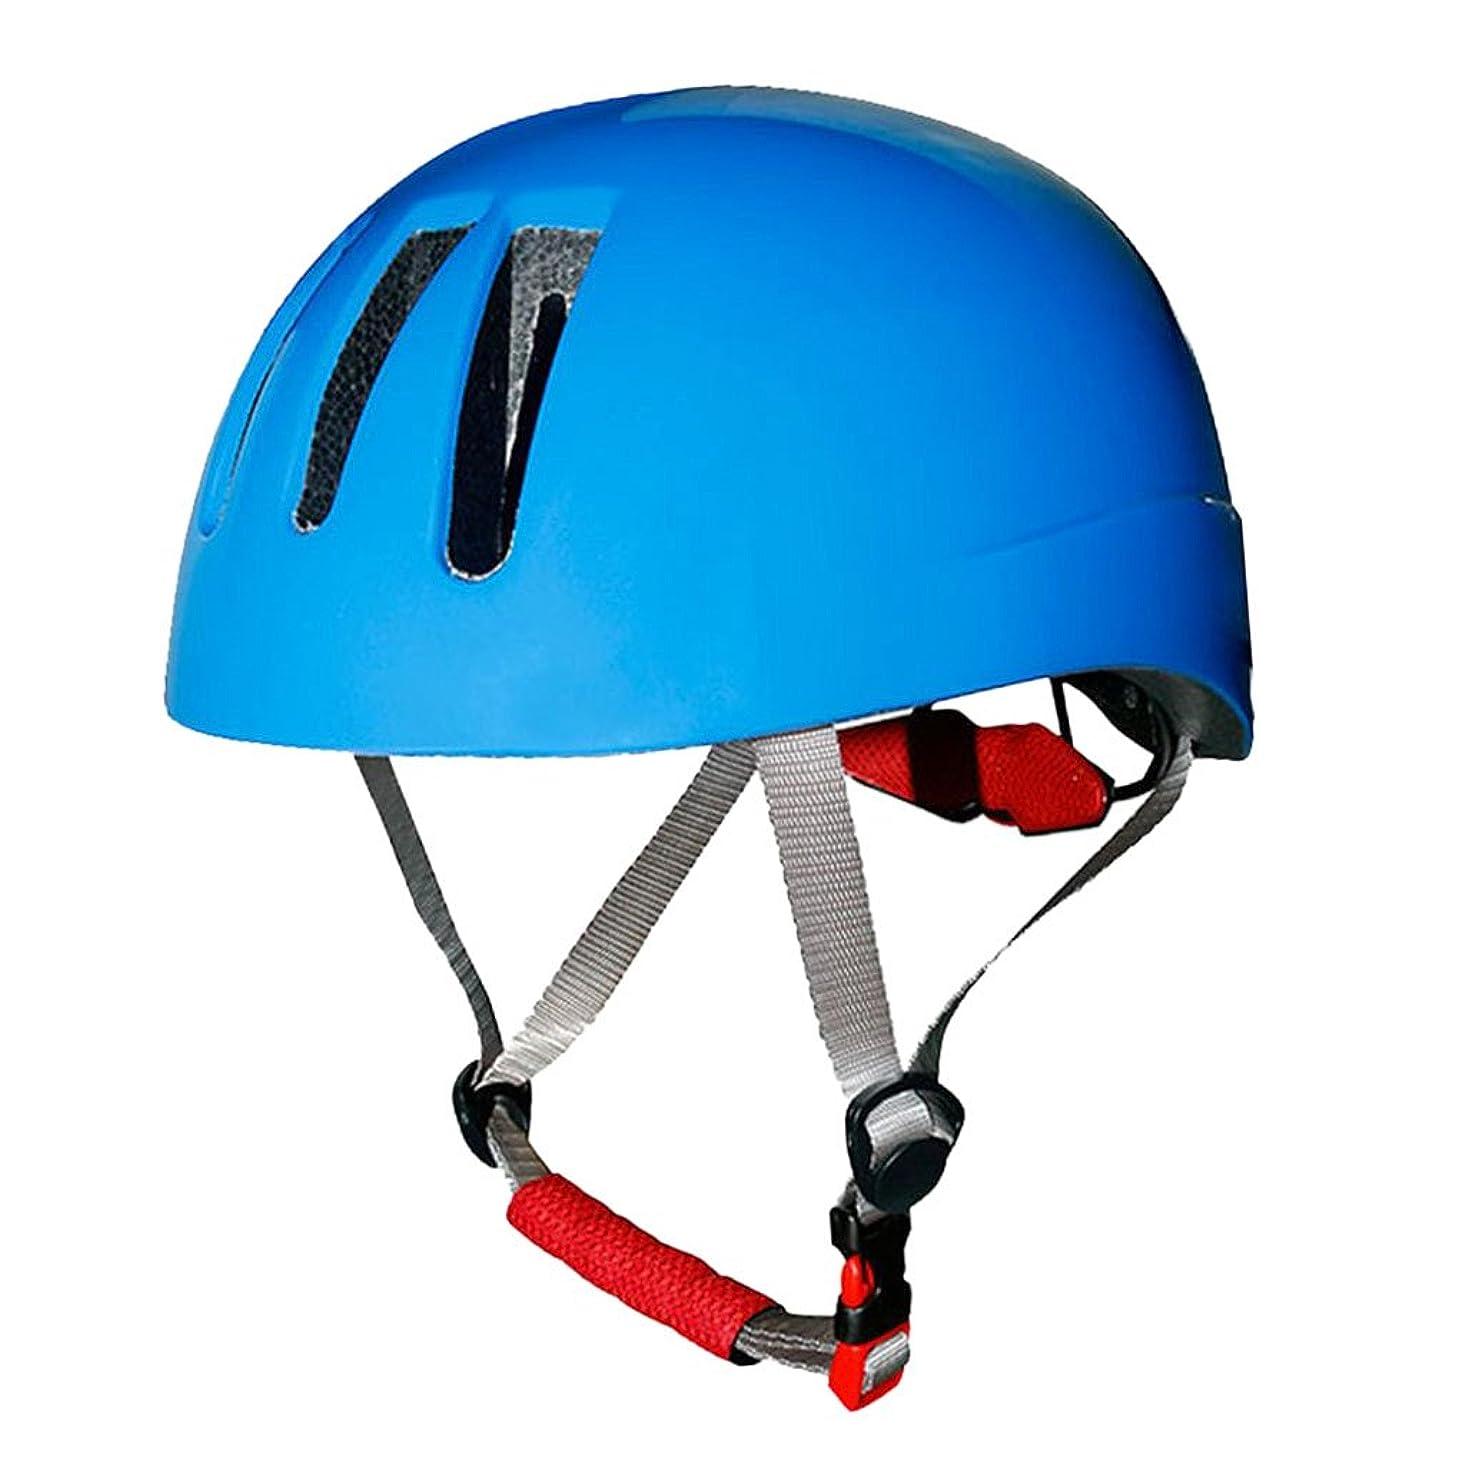 スキップスカープどこかFenteer スポーツヘルメット カヌー カヤック 登山 クライミング ウォータースポーツヘルメット安全保護 耐水仕様 男女兼用